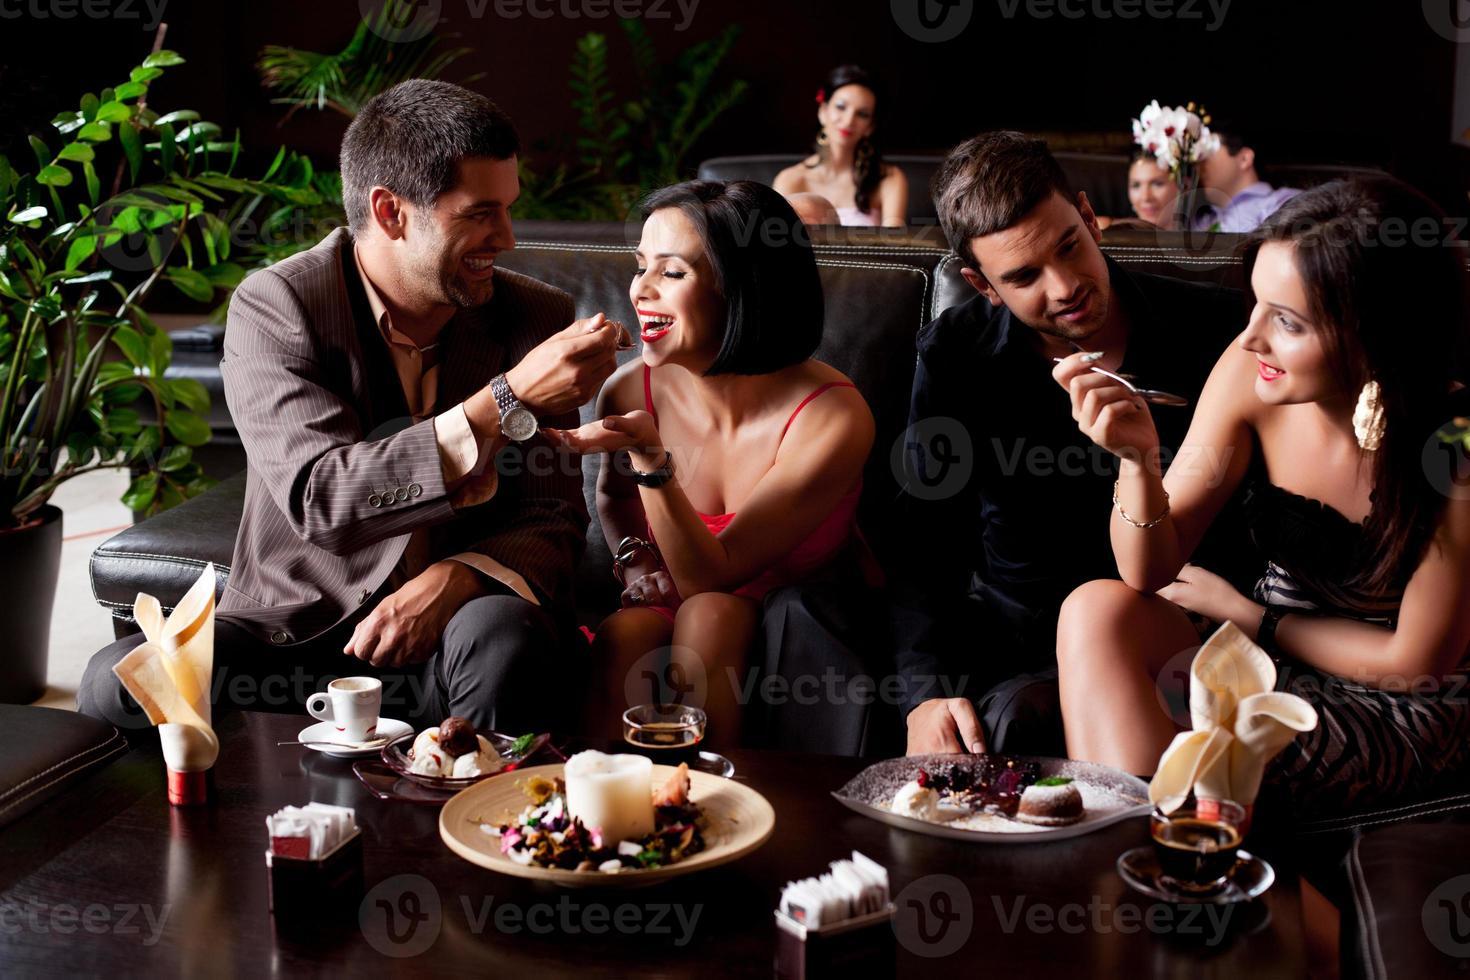 jovens casais comendo desertos foto